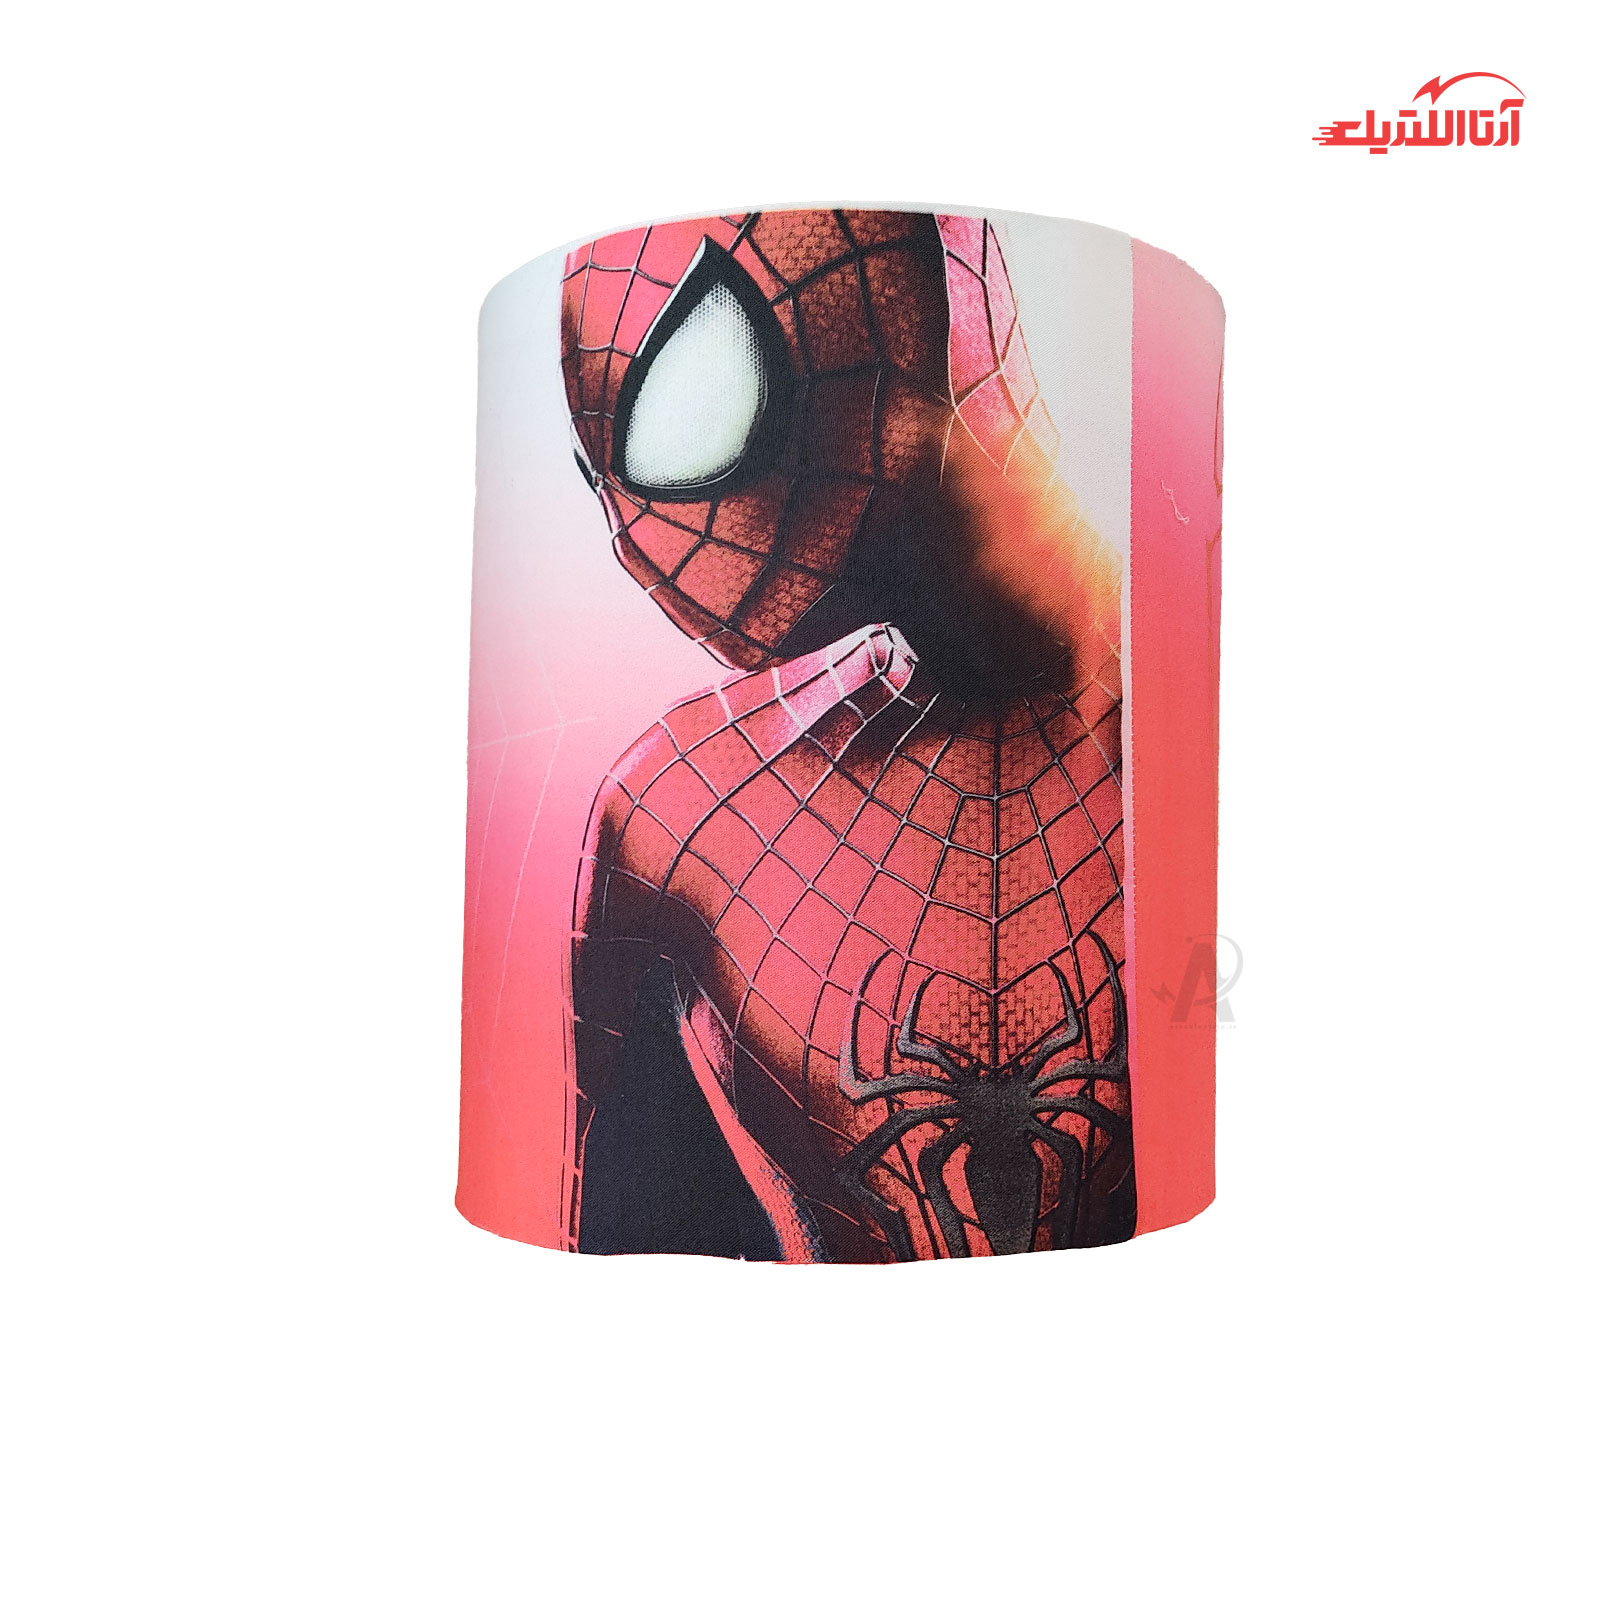 چراغ خواب رومیزی مدل مرد عنکبوتی